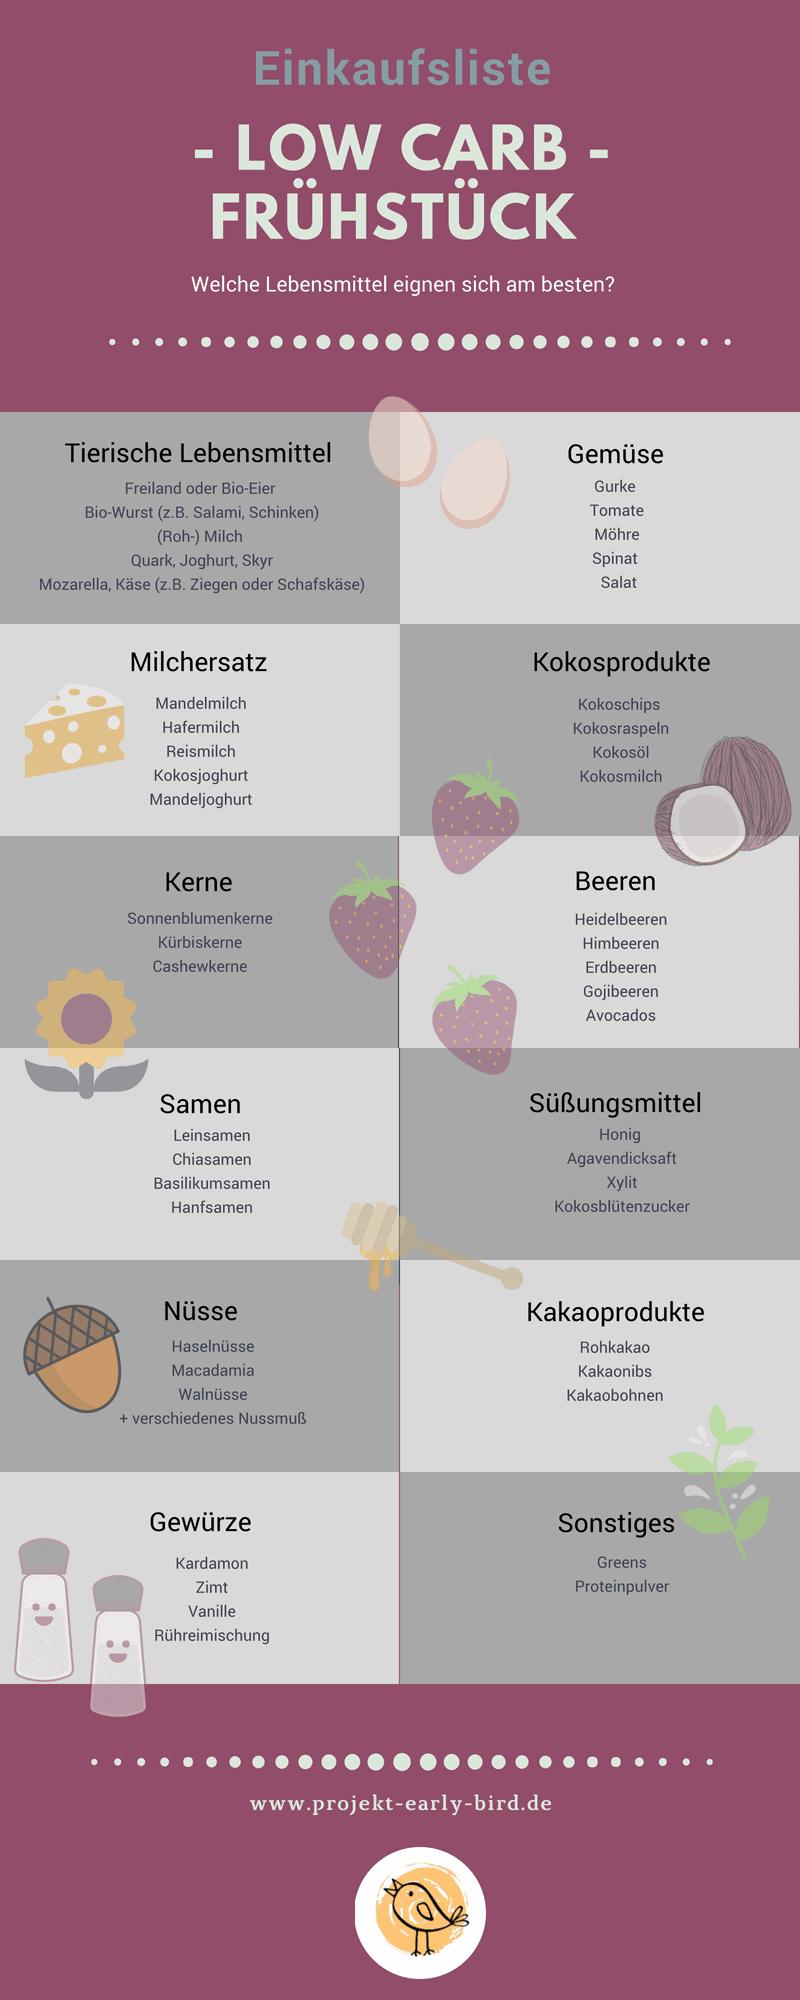 Low Carb Frühstück Einkaufsliste